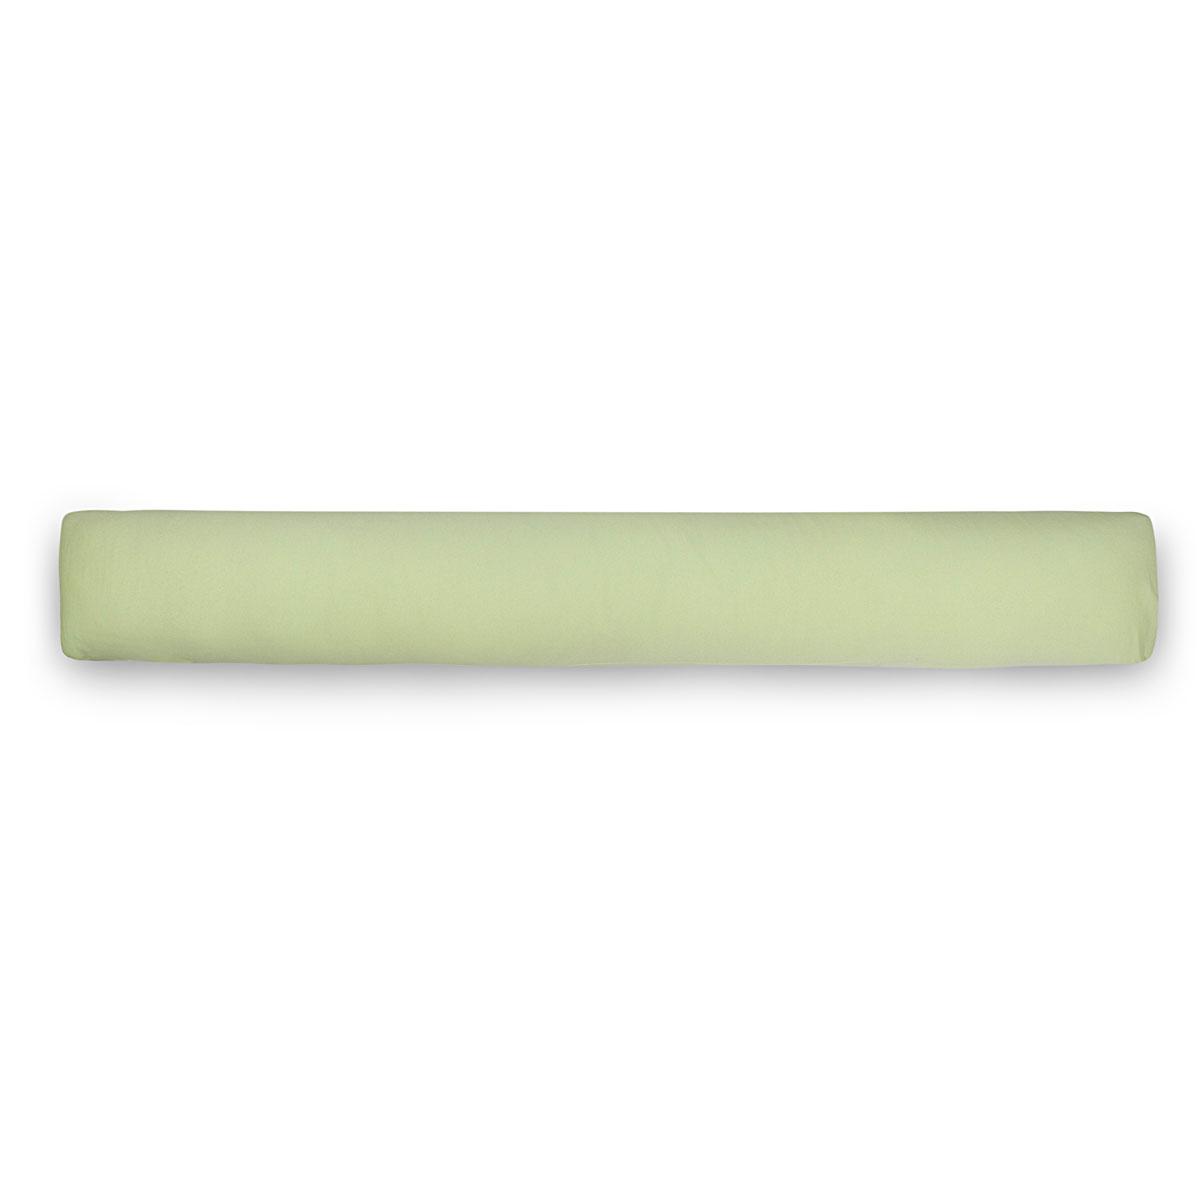 БИО-Подушка для всего тела I mini чехол цвет салатовый